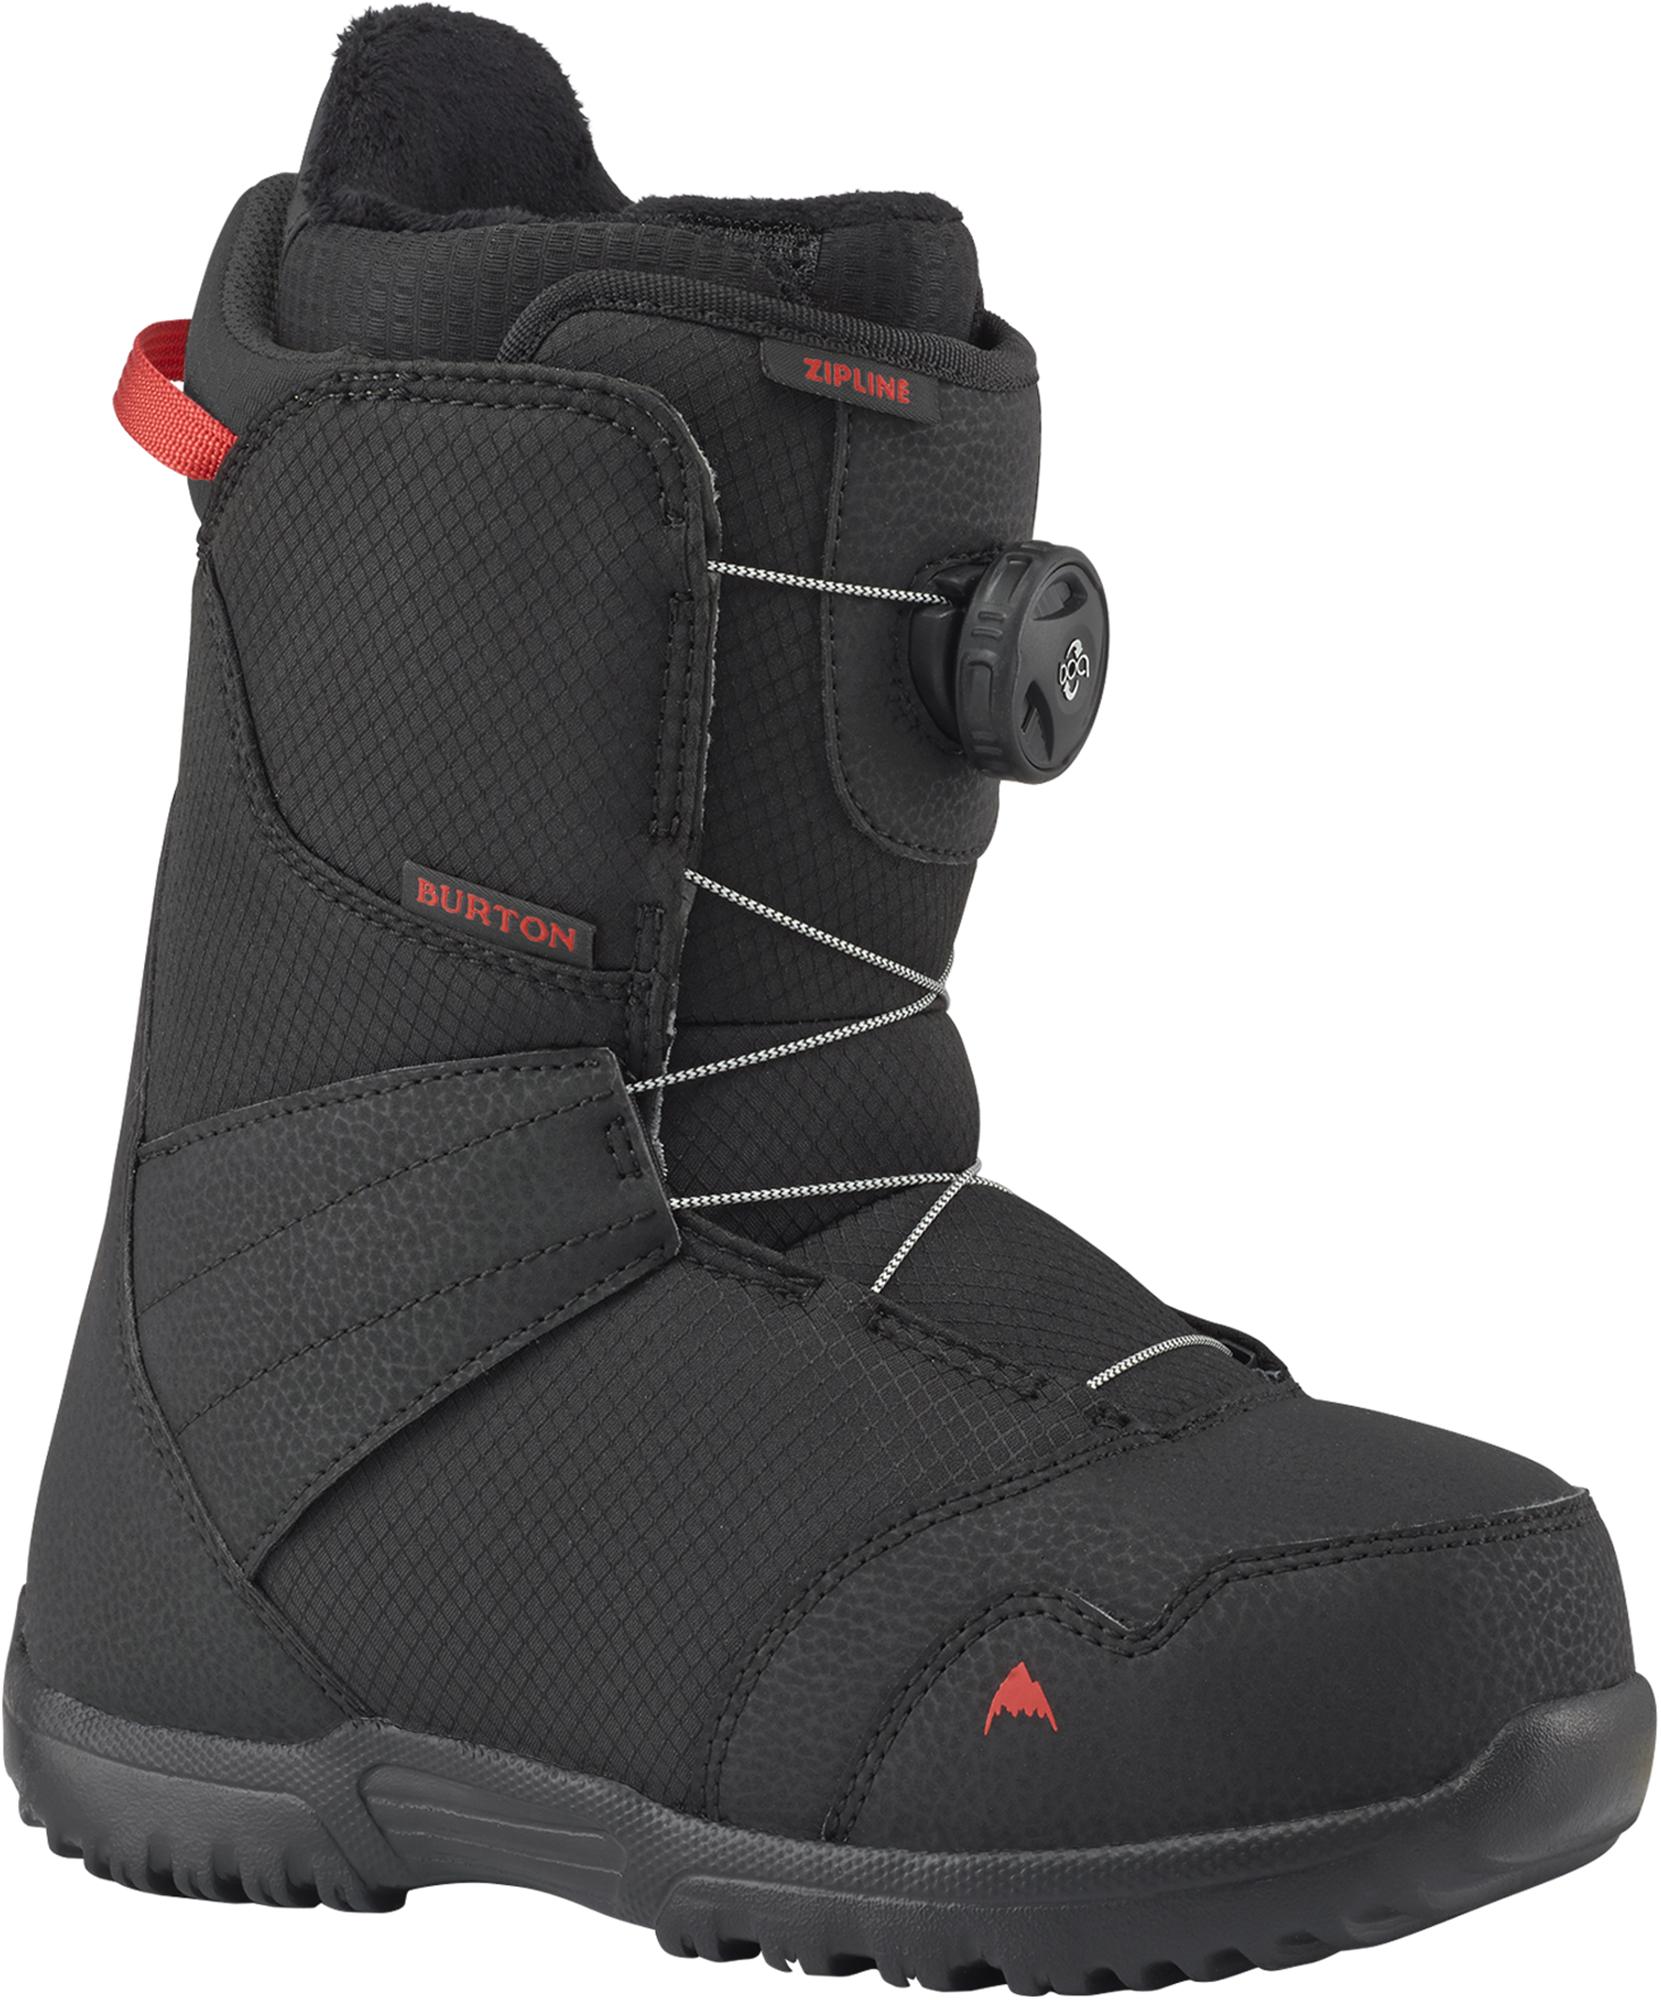 Burton Сноубордические ботинки детские Burton Zipline Boa, размер 39 цены онлайн